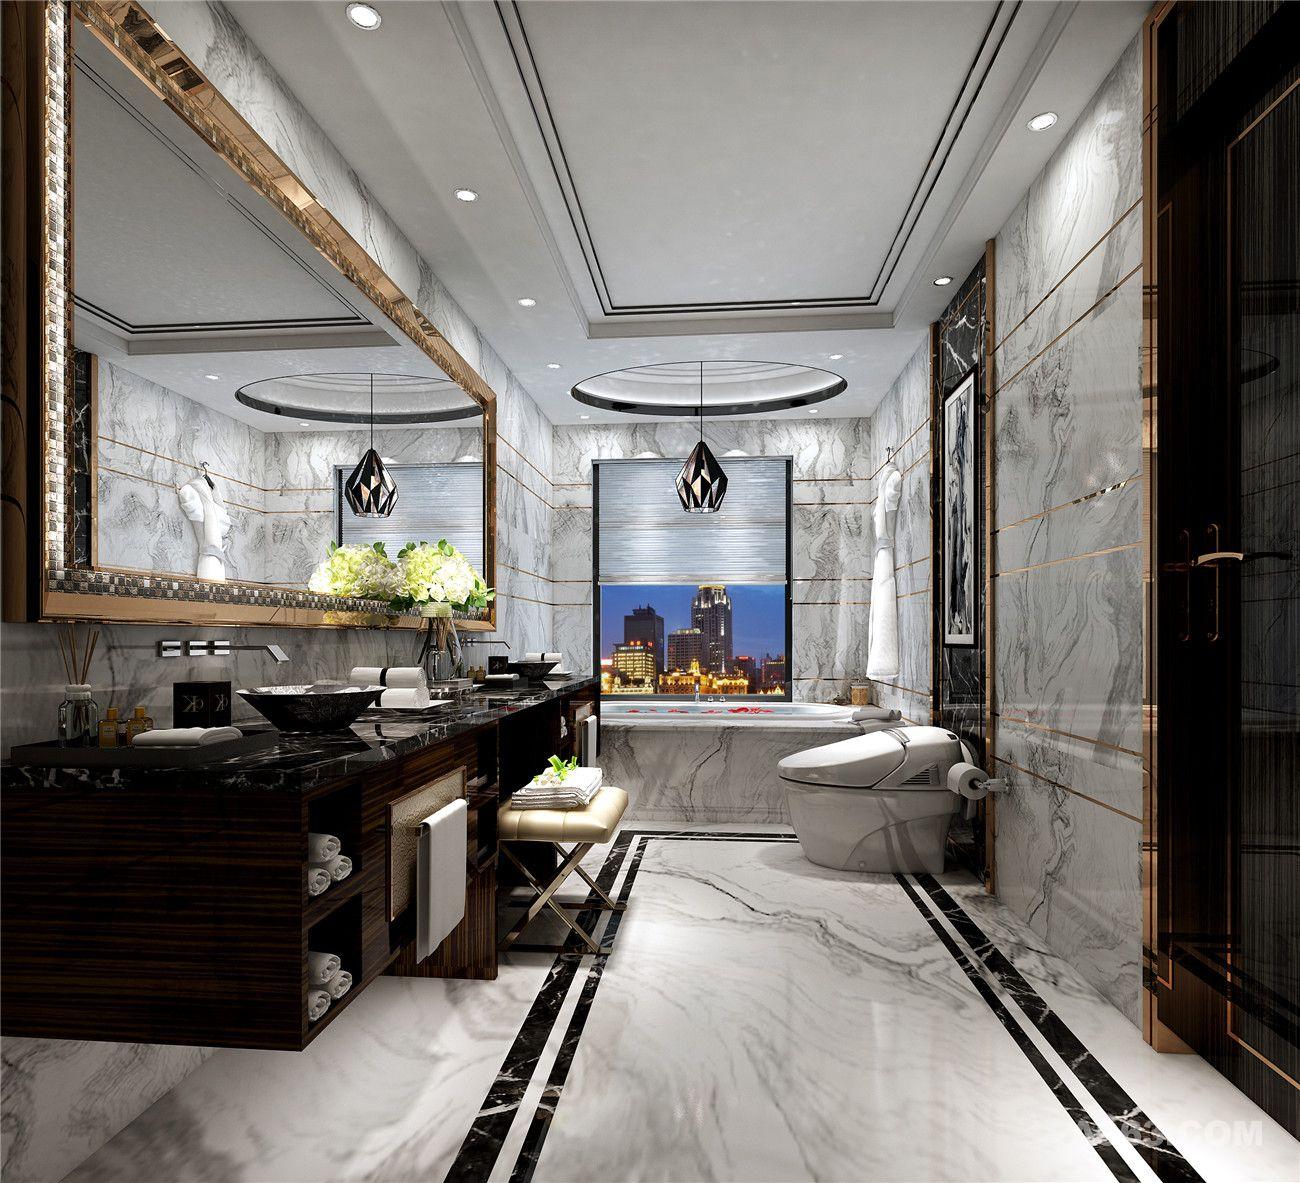 世茂滨江花园220平大平层装修新古典欧式风格设计方案展示,上海腾龙别